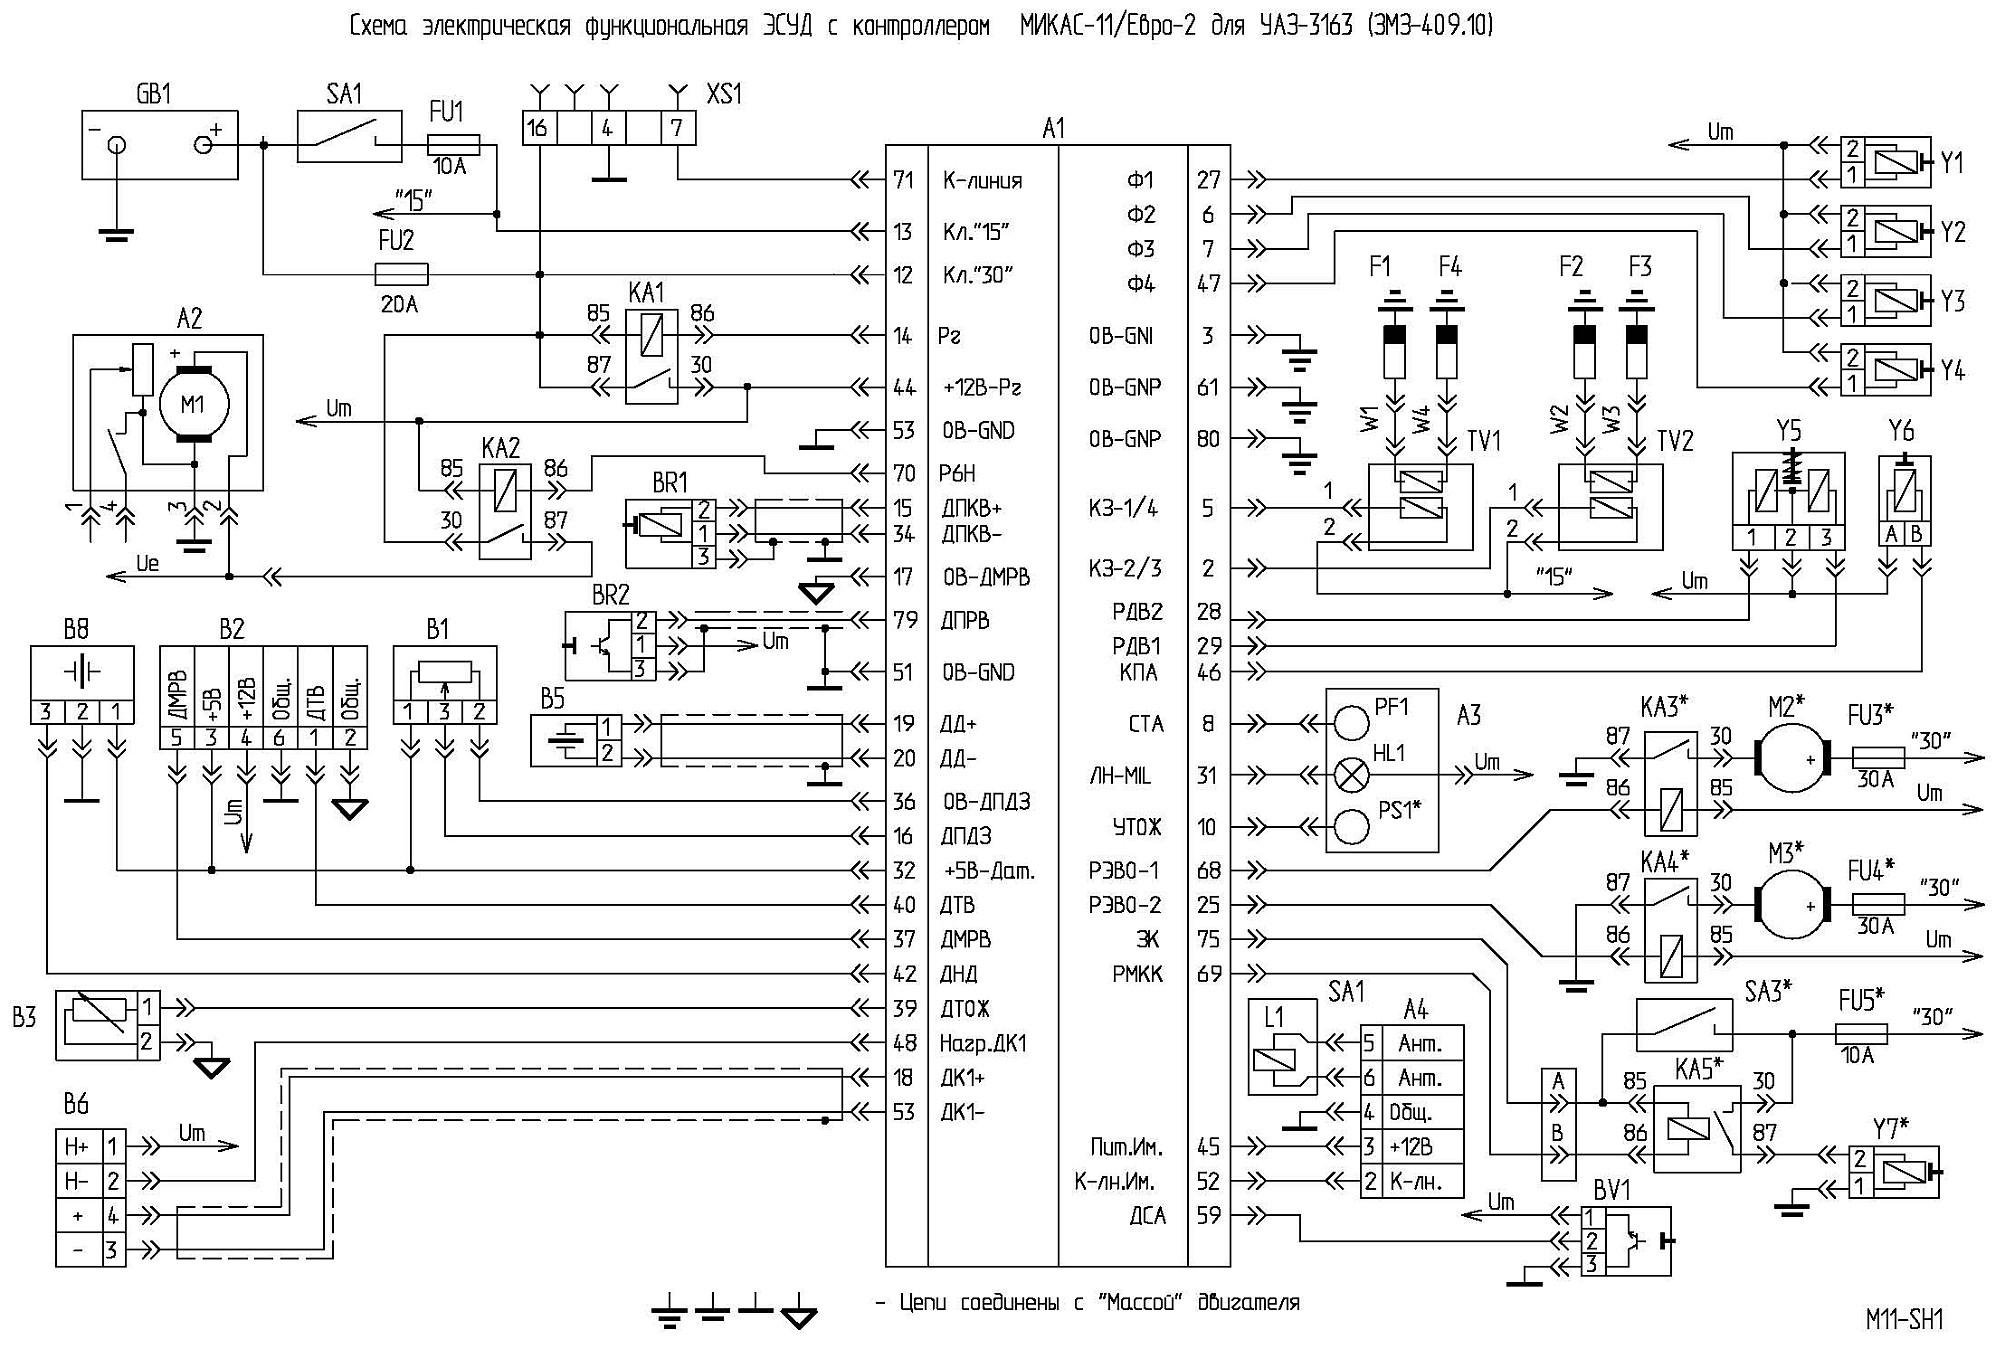 Схема управления двигателем на микас 7.1